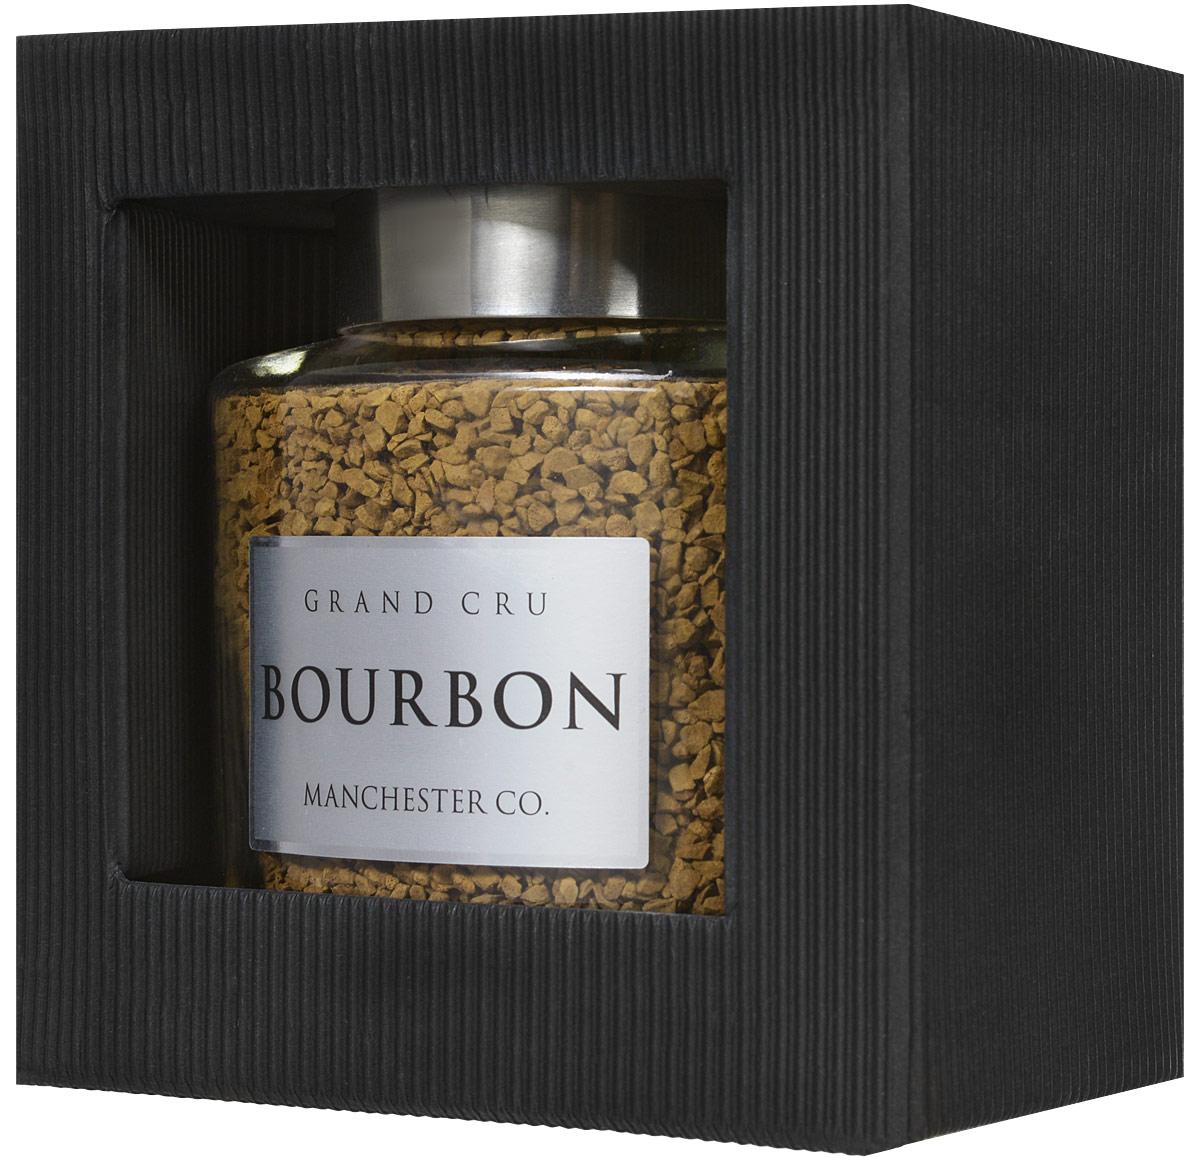 Bourbon Grand Cru кофе растворимый, 100 г0120710Bourbon Grand Cru -напиток, созданный для ценителей качества и оригинального вкуса. Этот продукт является натуральным растворимым сублимированным кофе, обладающим изысканным букетом. В состав бленда входит 100% натуральный желтый бразильский бурбон, благодаря которому напиток обладает необыкновенно сливочным вкусом и оригинальным древесно-табачным послевкусием, оставляющим незабываемое впечатление.Желтый бразильский бурбон имеет поистине королевскую родословную и считается прародителем всех сортов арабики. Сегодня этот сорт арабики культивируют всего на нескольких высокогорных плантациях на юге Бразилии, и обрабатывают исключительно натуральным способом. Сушат ягоды прямо на ветвях, поэтому вкус напитка характеризуется сладковатой сливочной доминантой. Идеальный вариант в качестве основы для эспрессо.